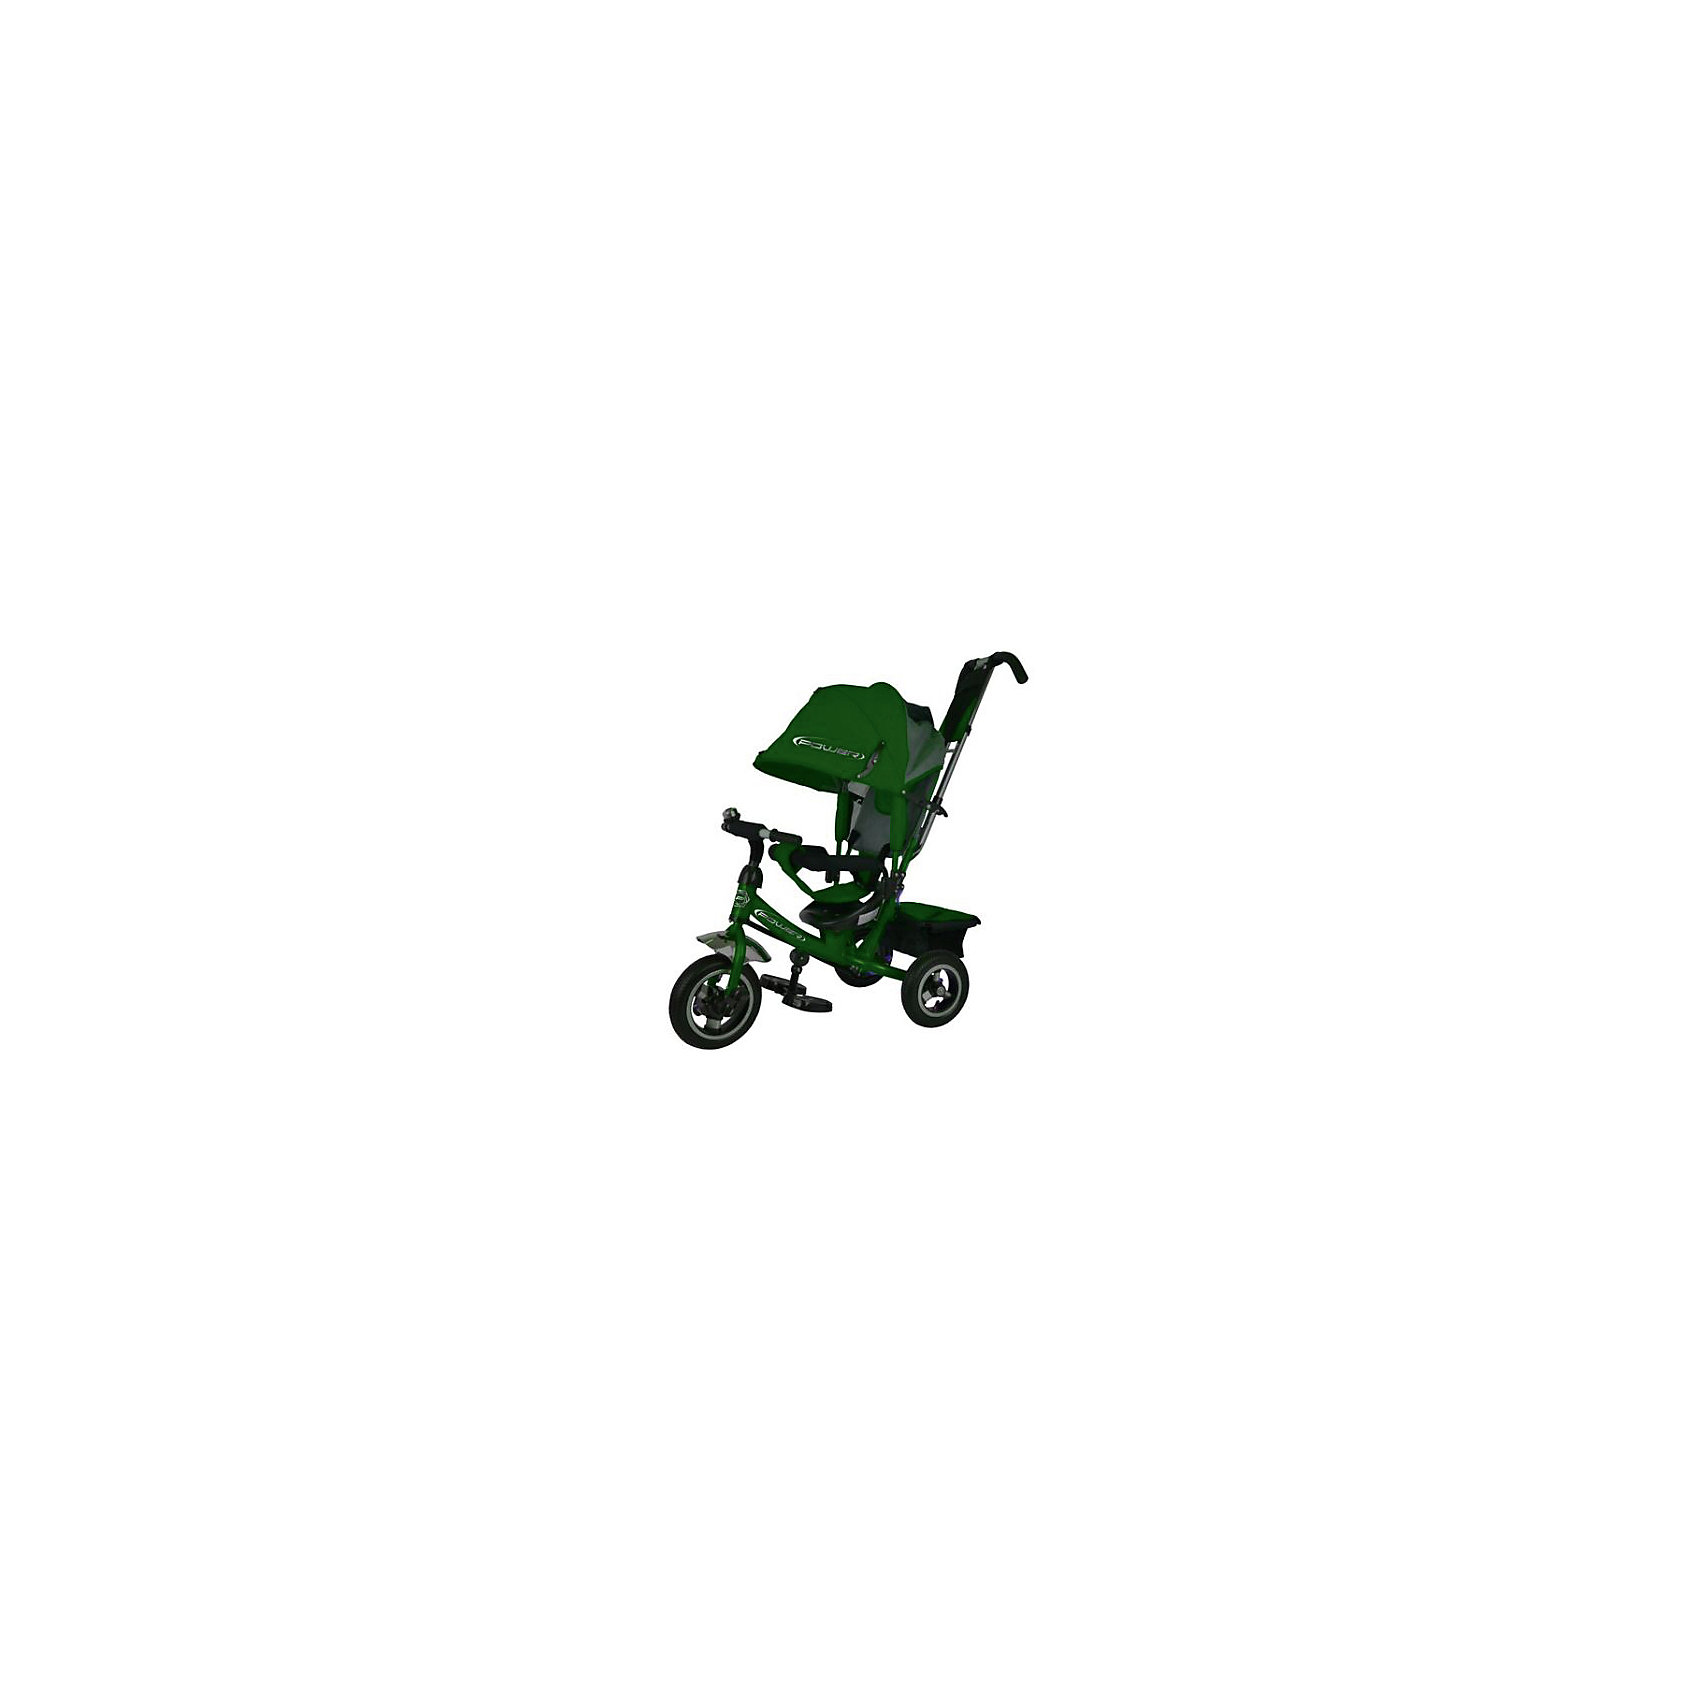 Трехколесный велосипед, зеленый, PowerВелосипеды детские<br><br><br>Ширина мм: 620<br>Глубина мм: 280<br>Высота мм: 400<br>Вес г: 12000<br>Возраст от месяцев: 12<br>Возраст до месяцев: 48<br>Пол: Унисекс<br>Возраст: Детский<br>SKU: 6768033